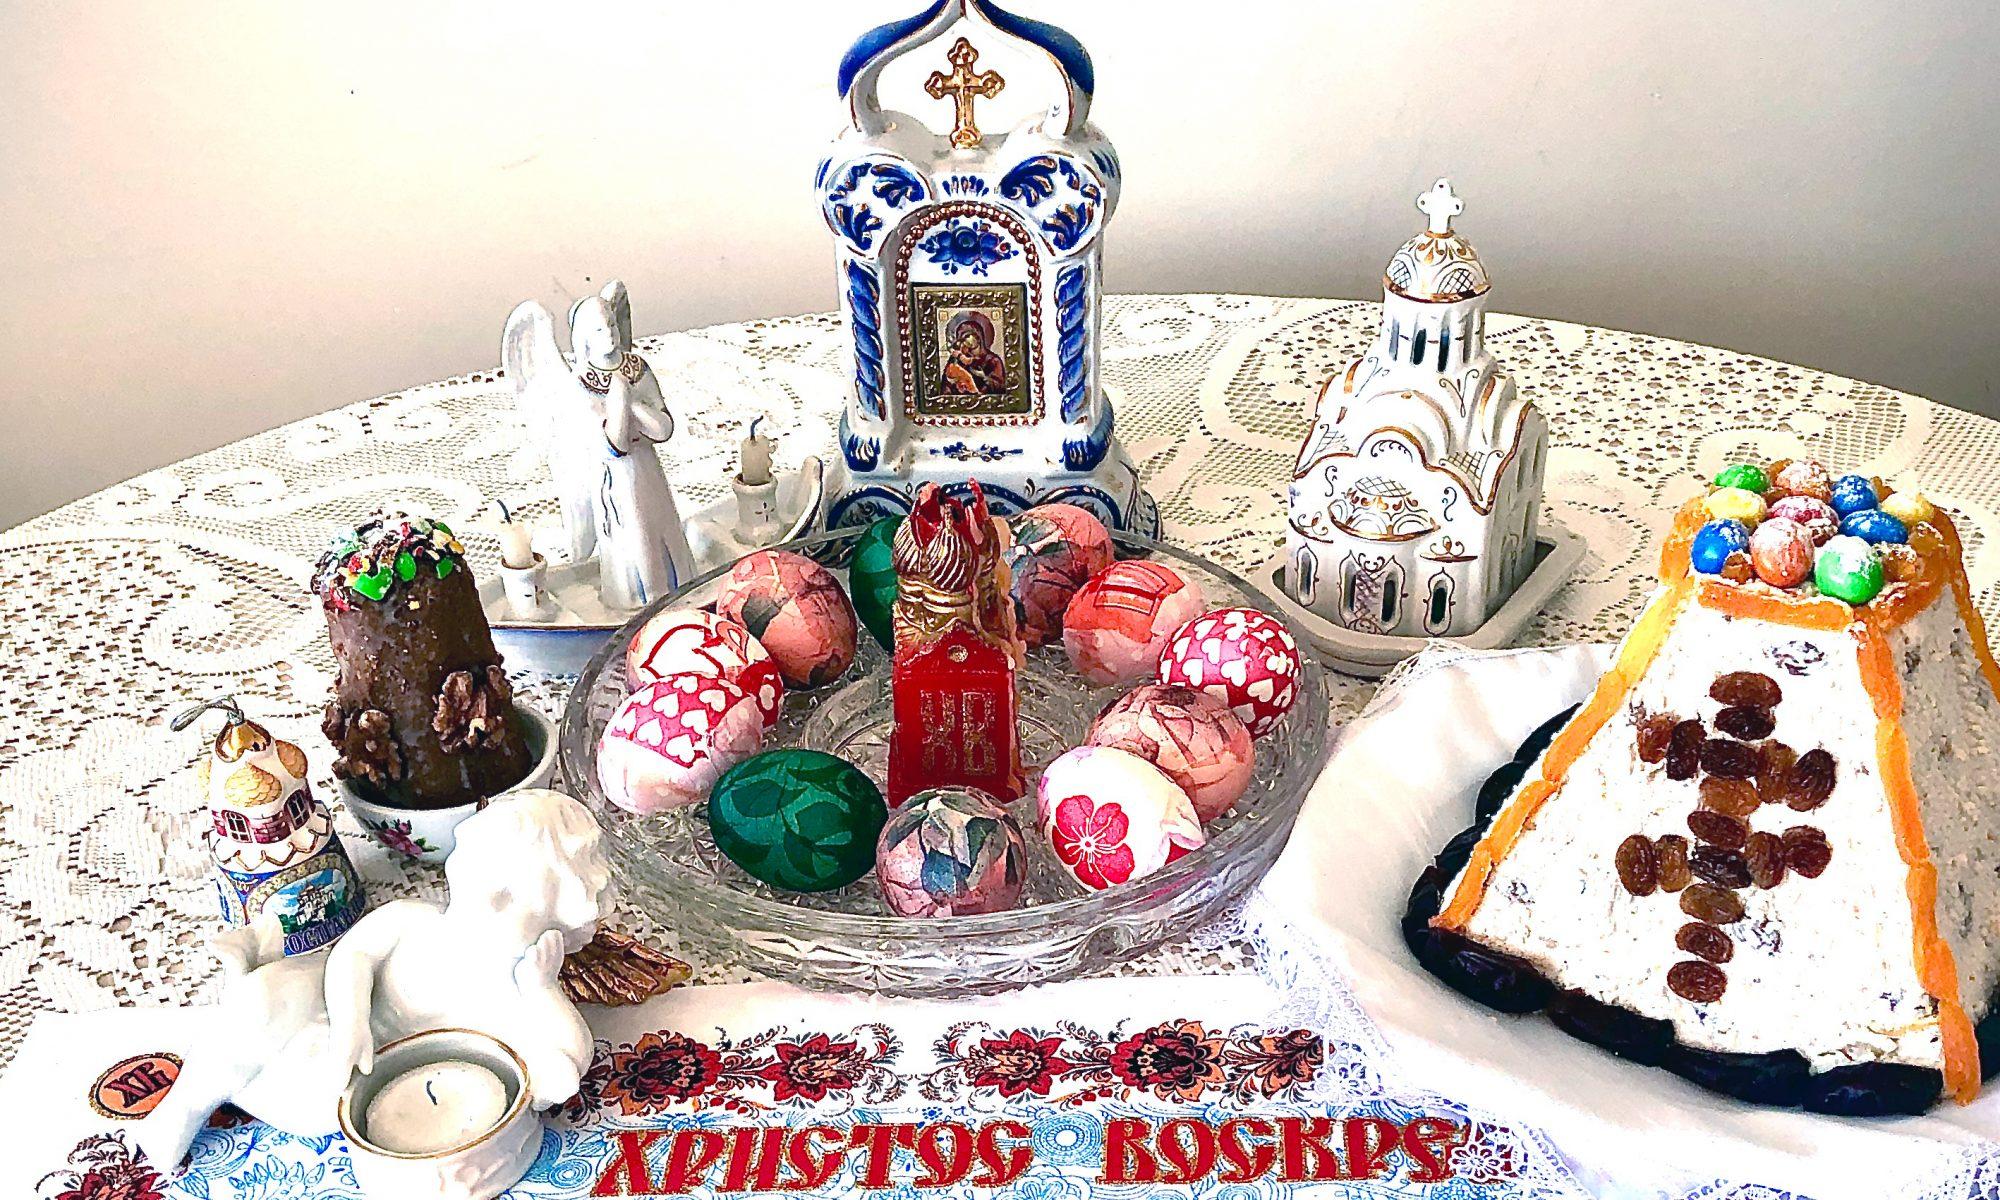 Христос Воскресе, православные! - Общественная дипломатия